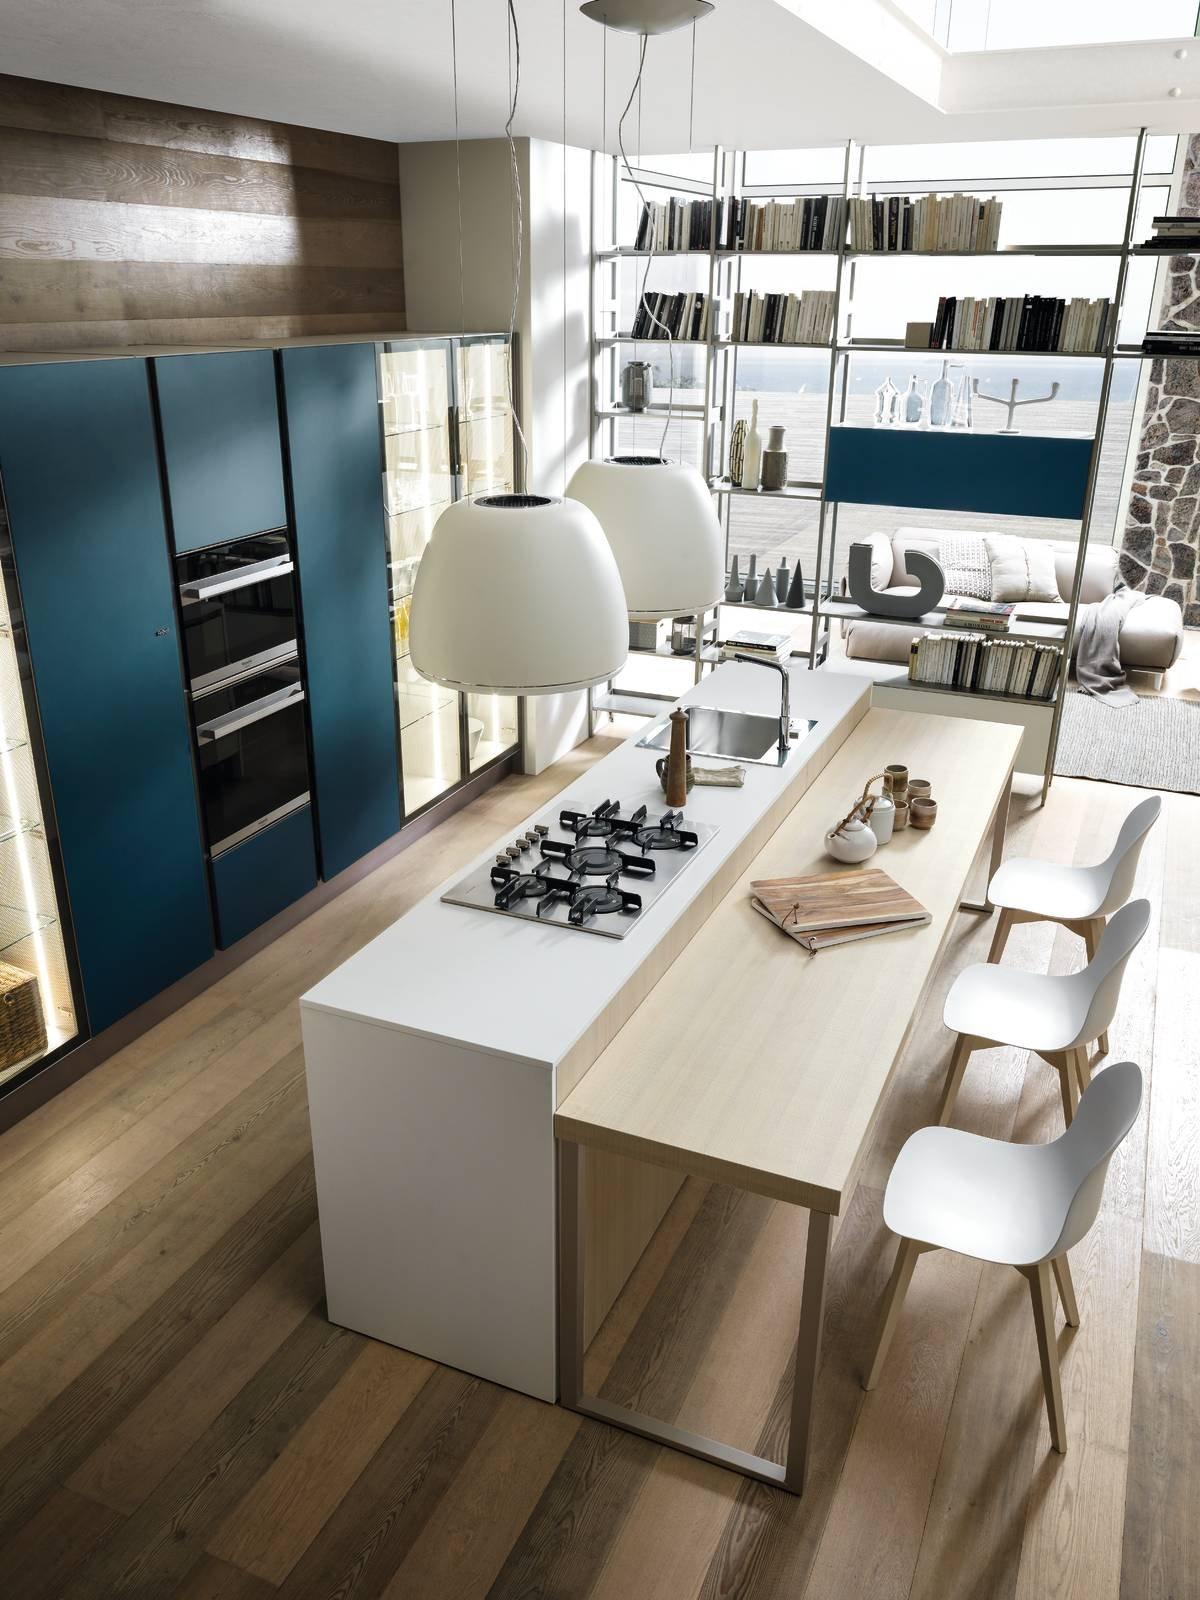 Ikea Cucine Con Isola Prezzi cucine con l'isola: 12 modelli per un living votato alla